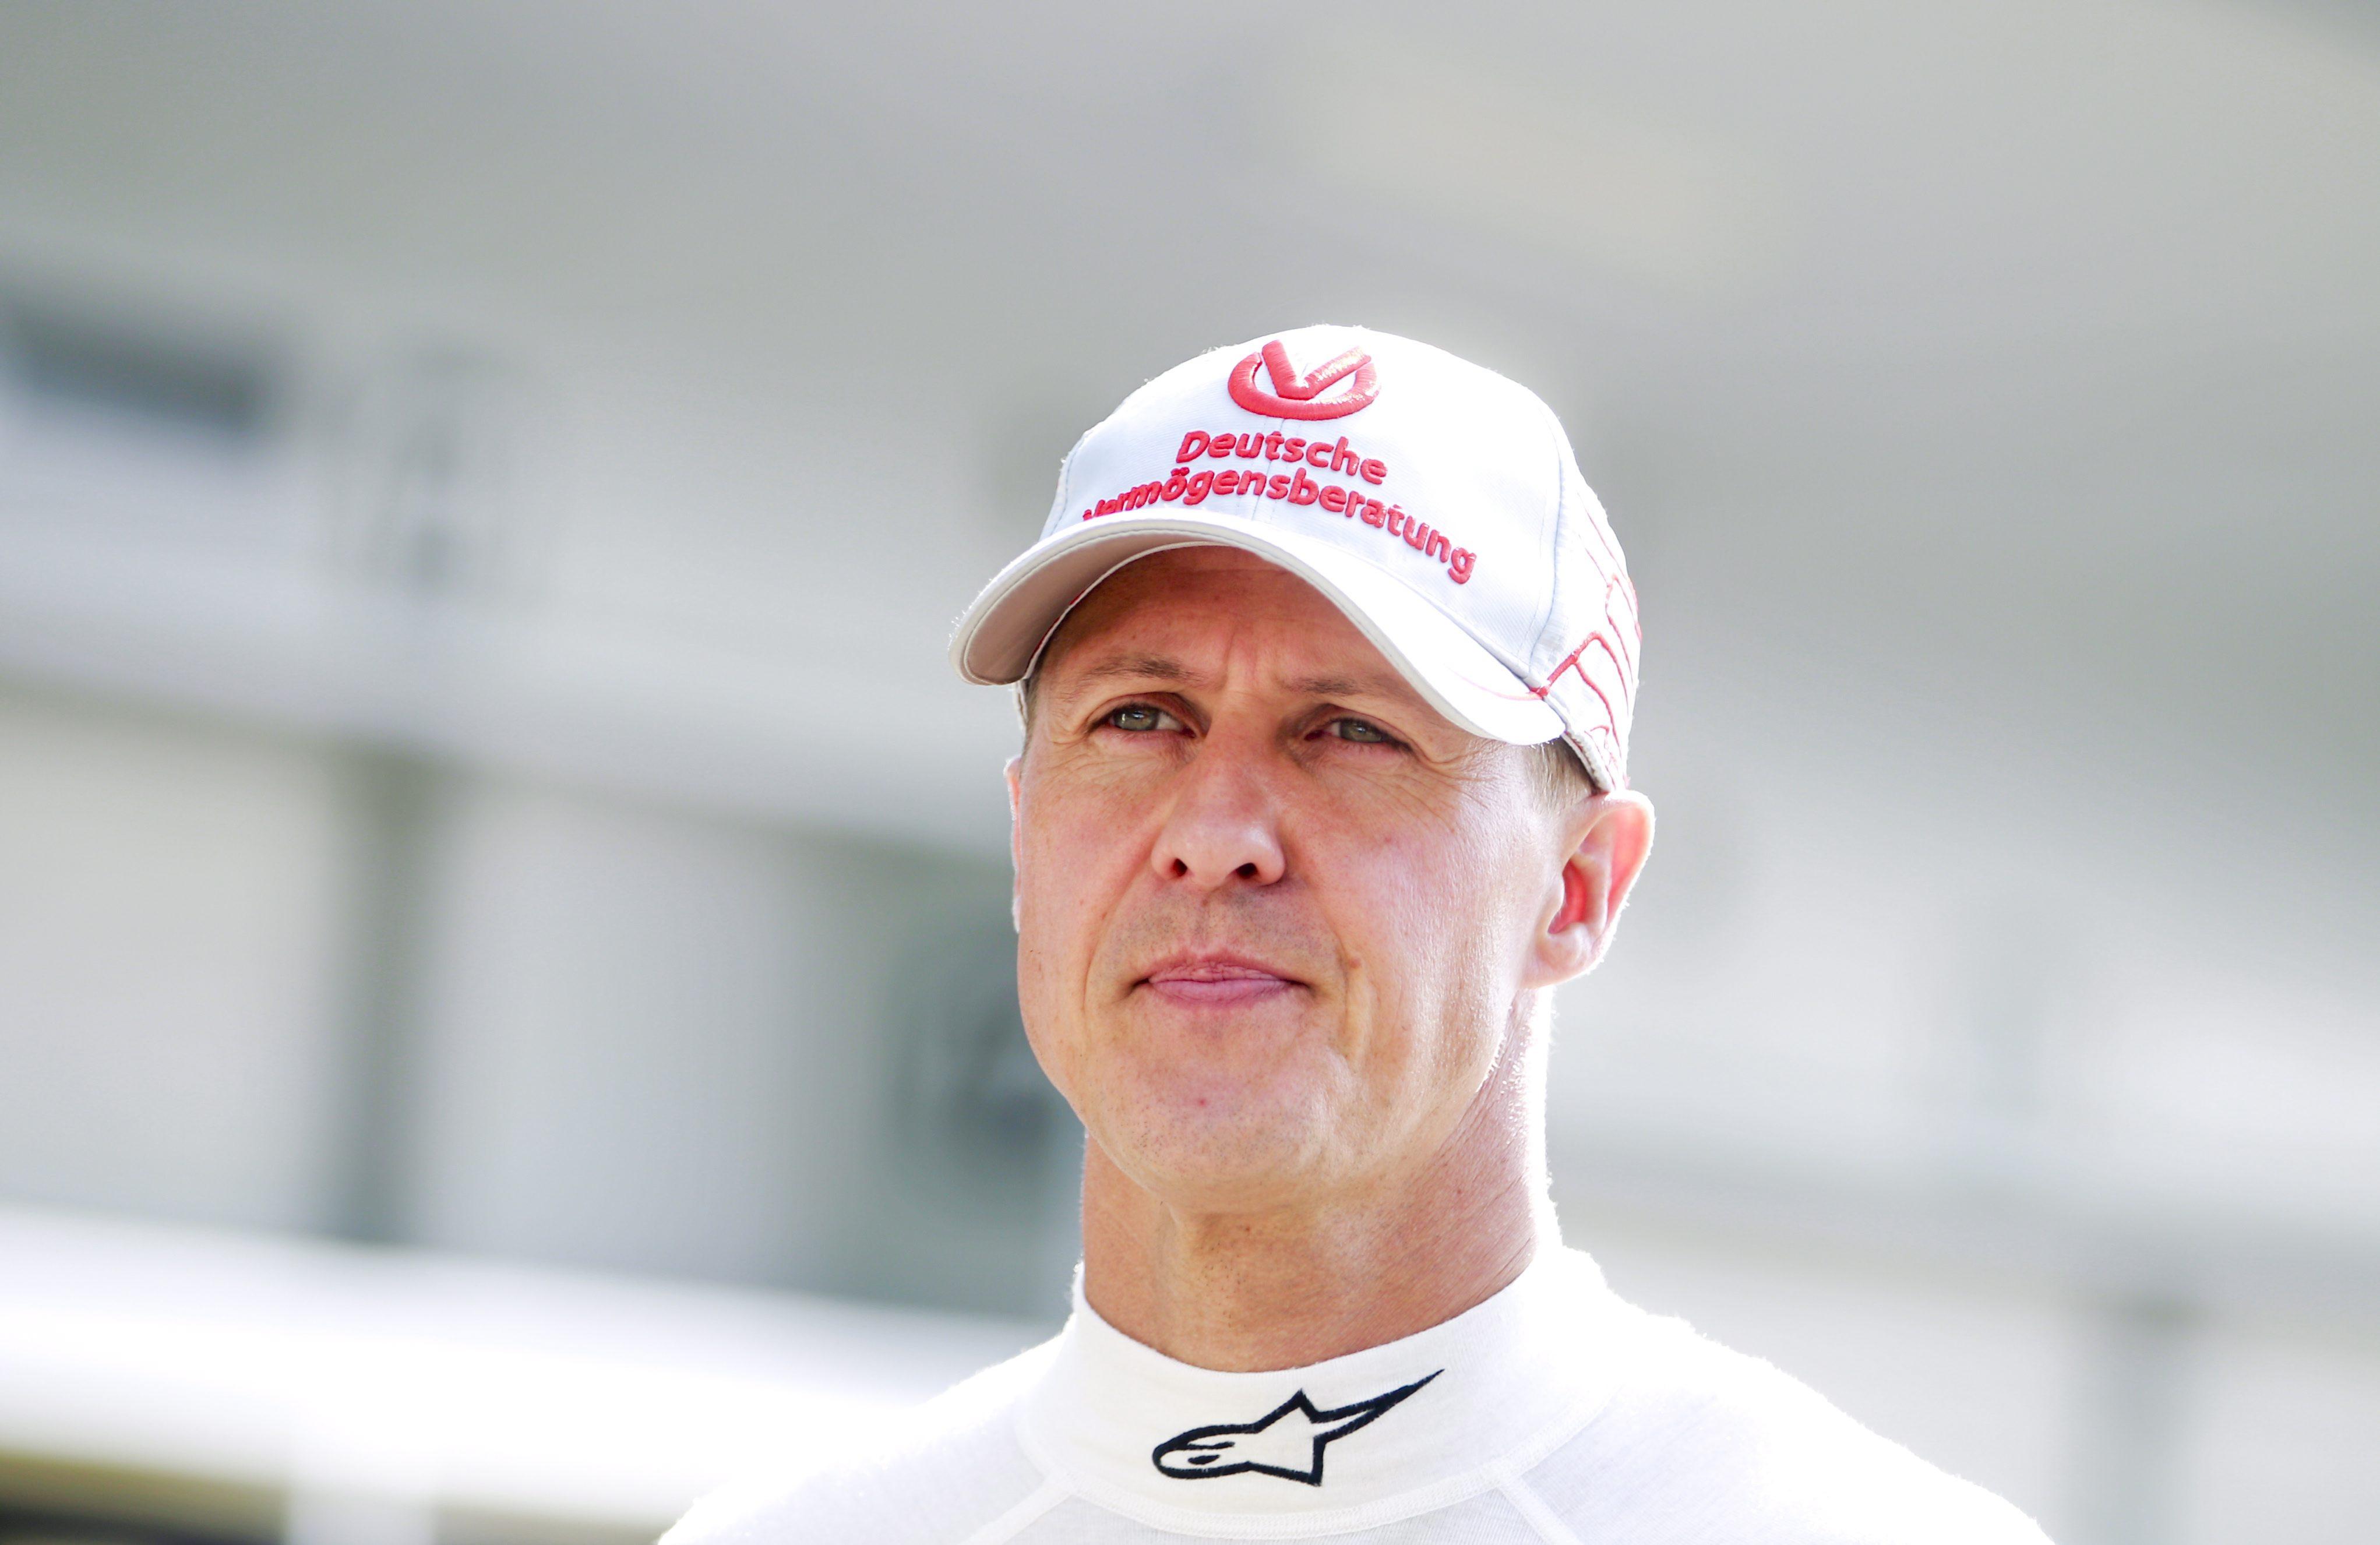 Шумахер: Все още мога да спечеля титлата